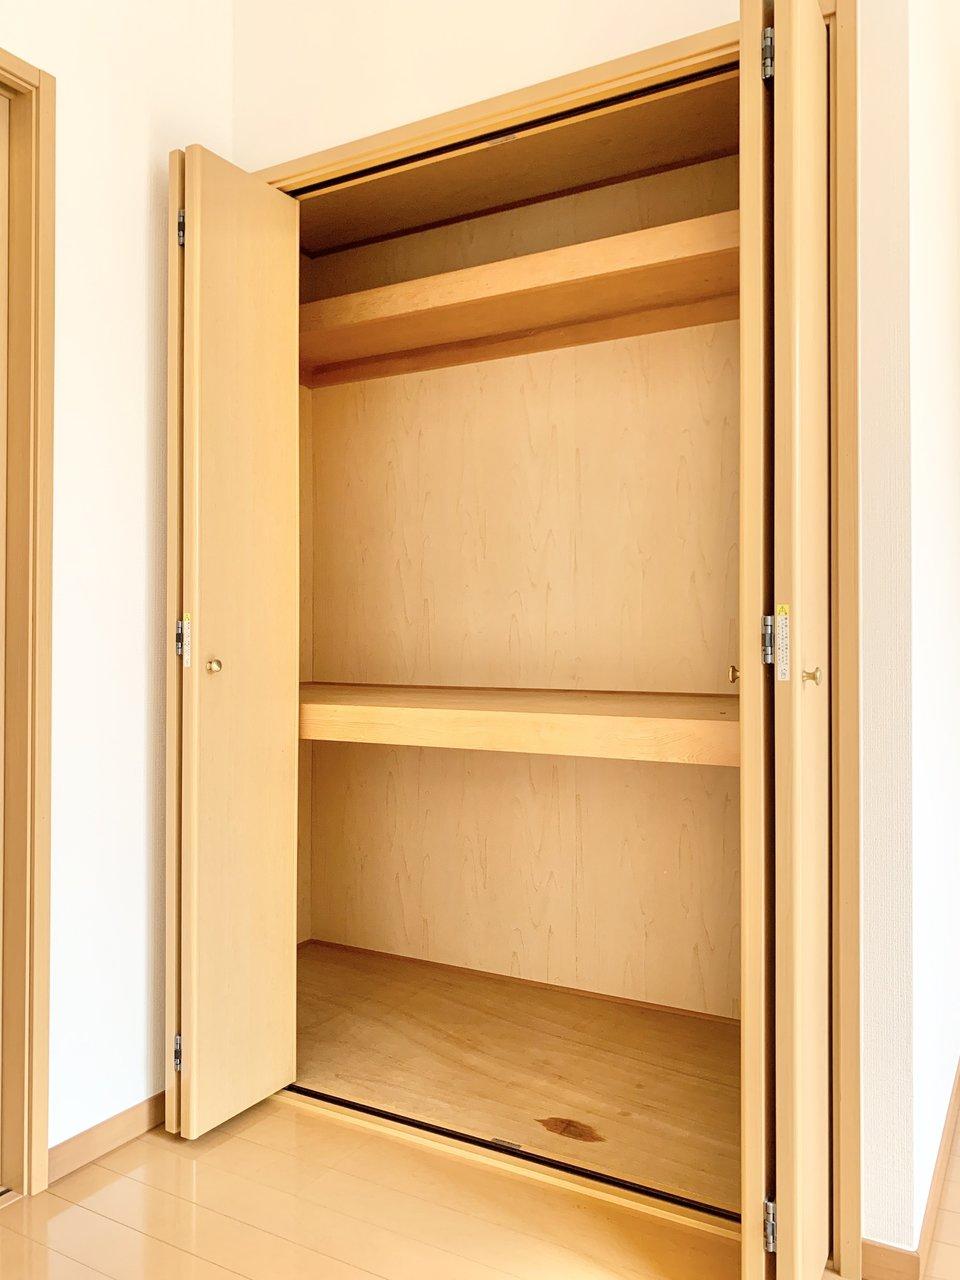 洋室にある収納スペースは大容量!一人暮らしをするイメージがムクムクわいてきました。